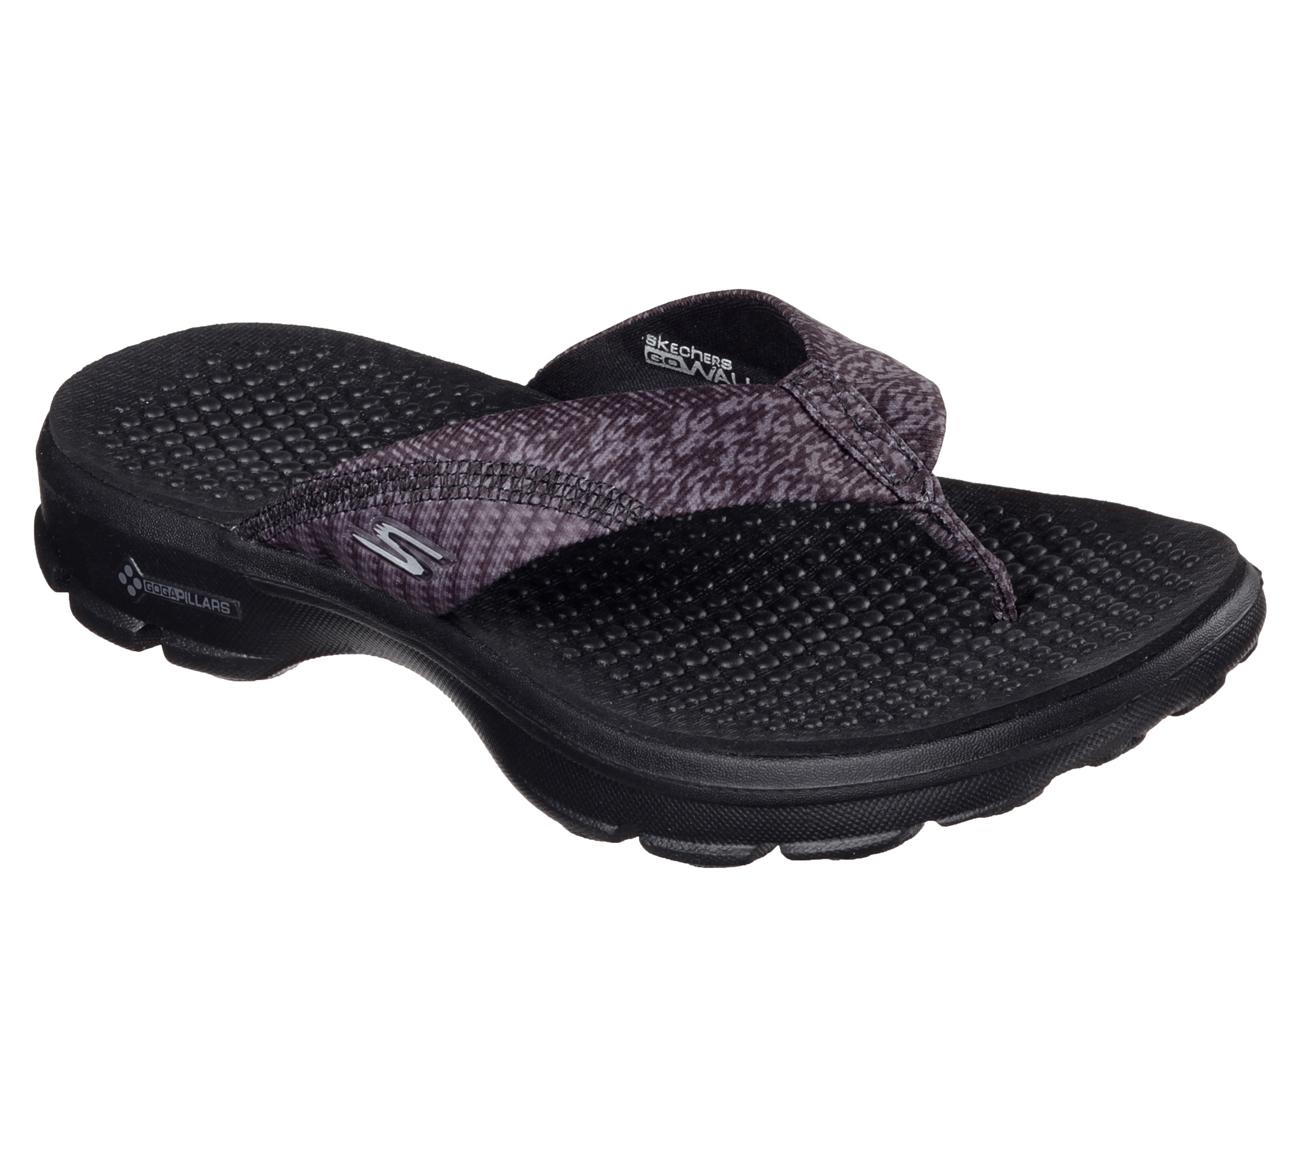 Buy Skechers Skechers Gowalk 3 - Pizazz Skechers -2603